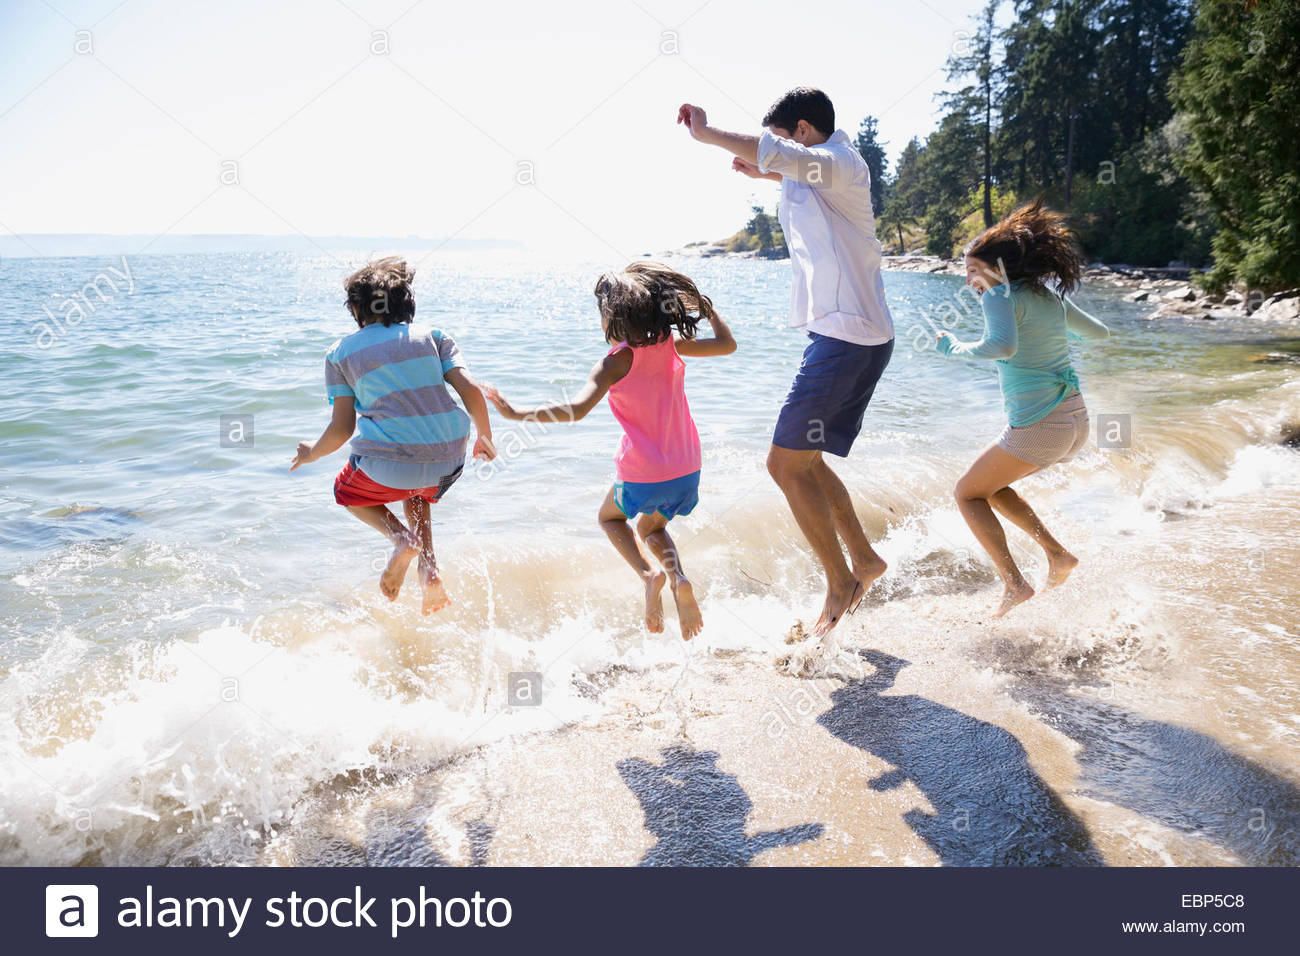 Family splashing in ocean - Stock Image